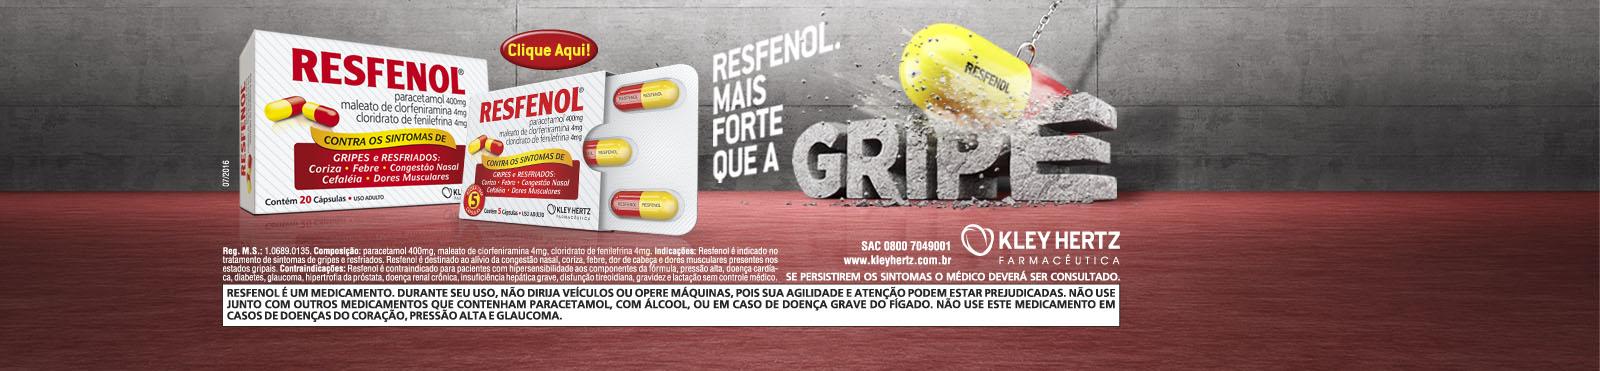 Superbanner-resfenol-promocao-farmacia-online-sp